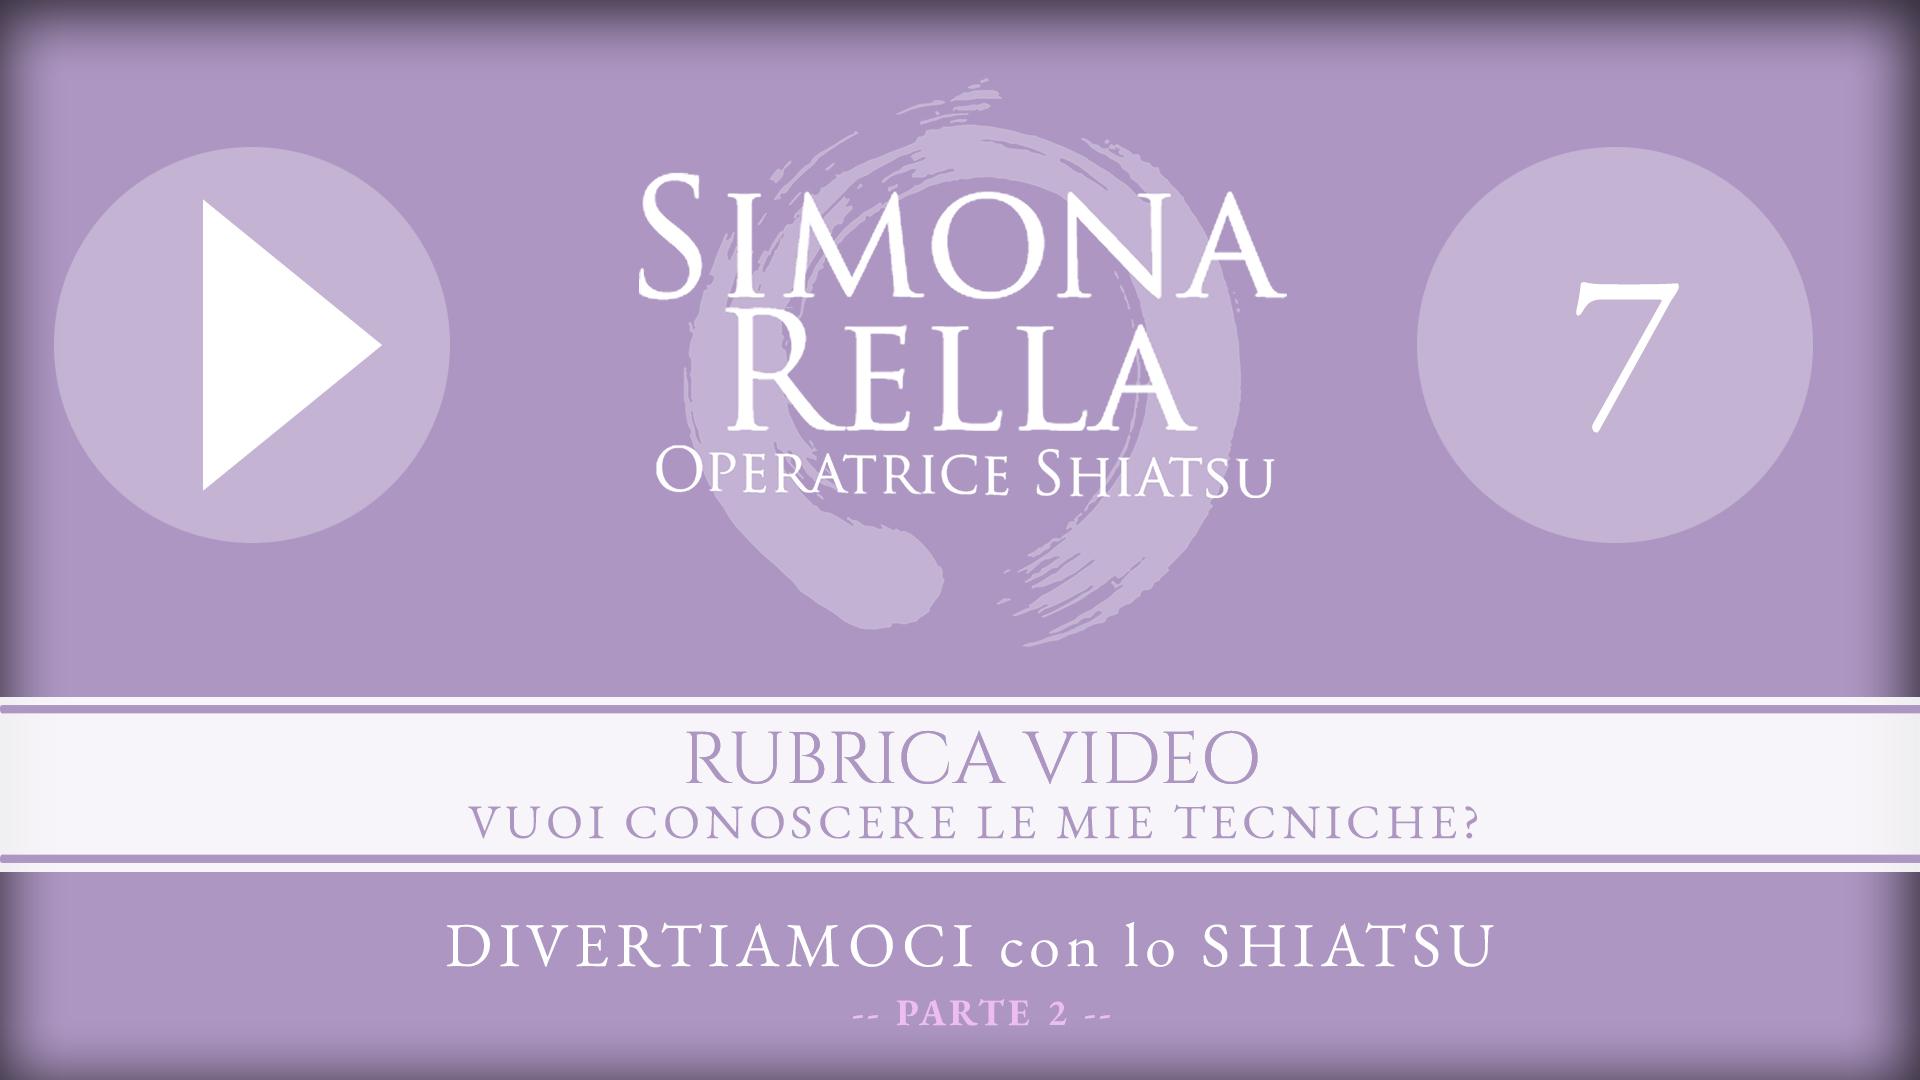 shiatsu__simona-rella__RUBRICA-VIDEO-7__DIVERTIAMOCI-con-lo-SHIATSU__PARTE-2__